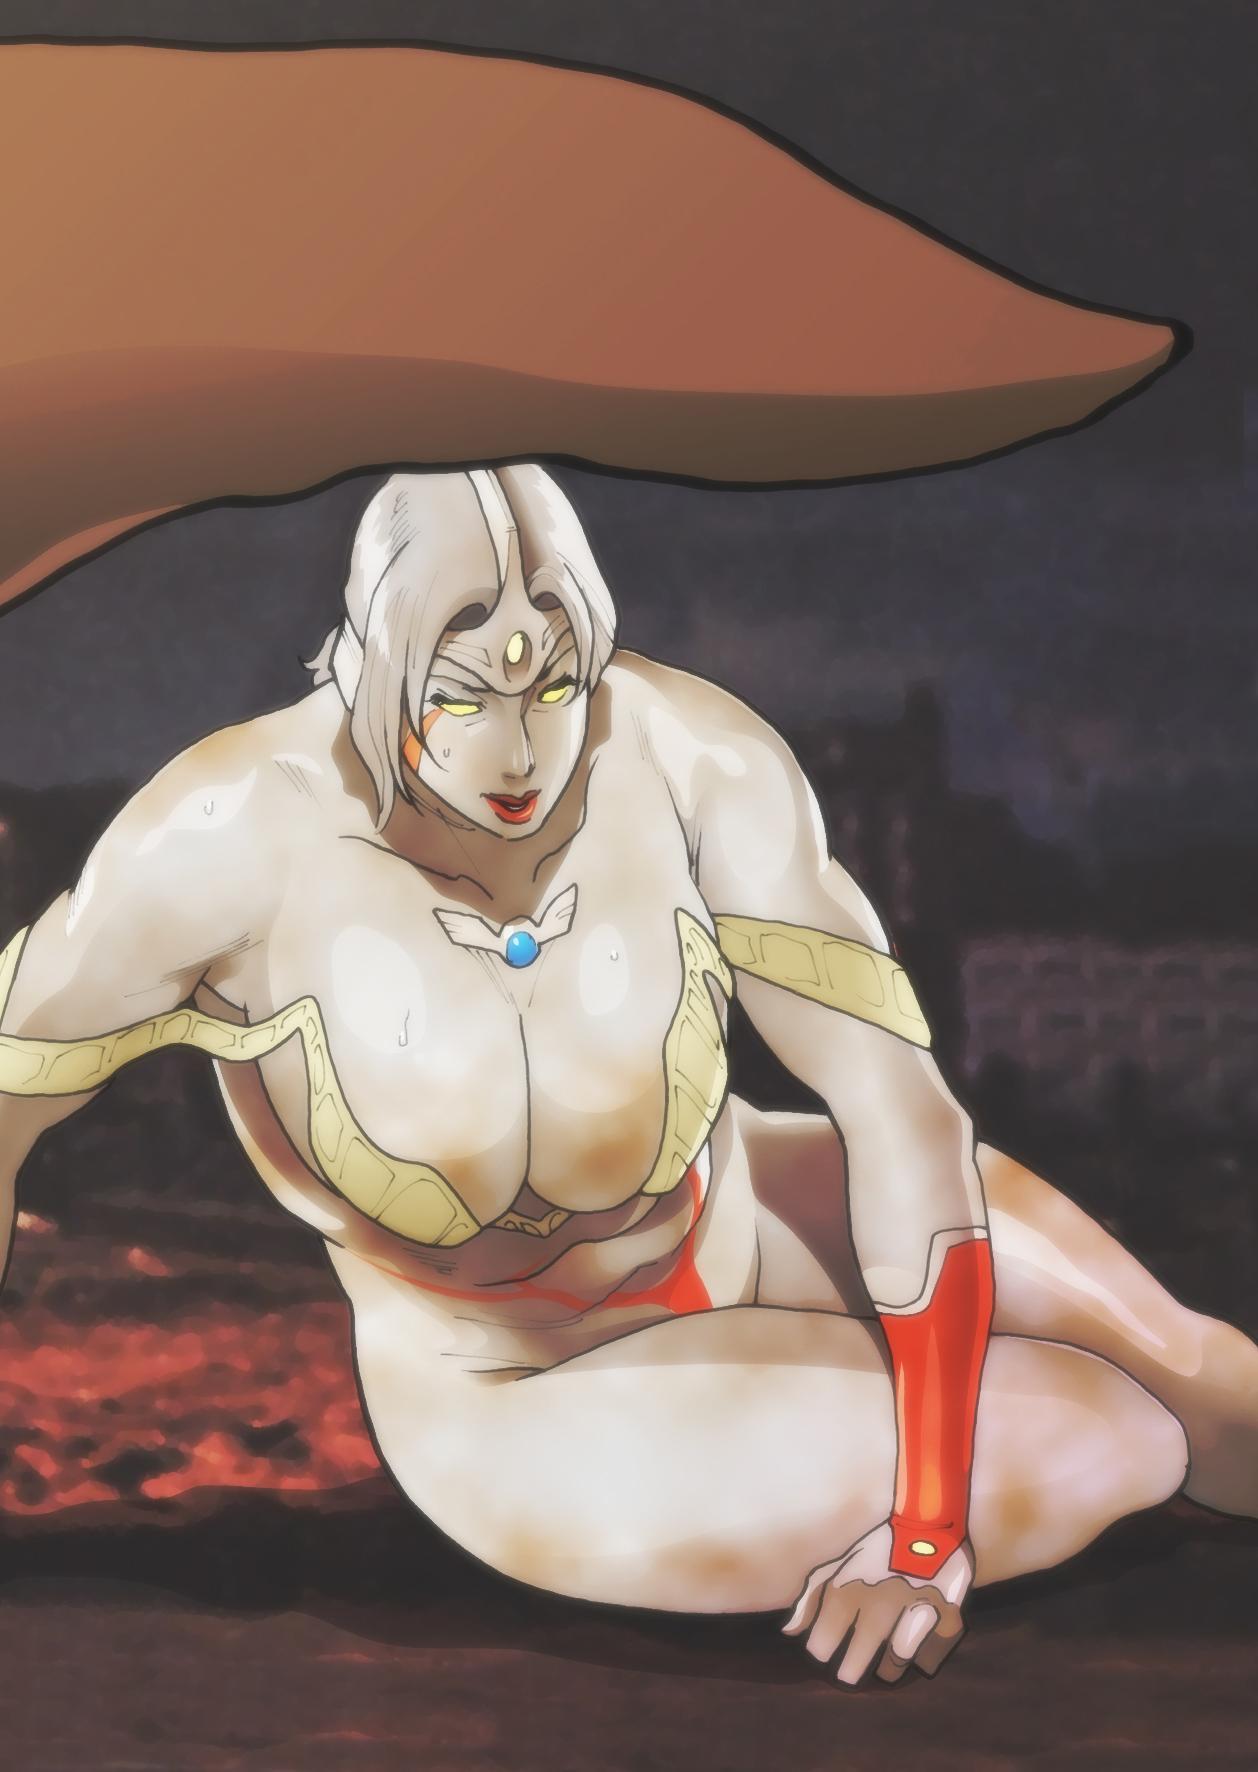 Silver Giantess 5 42